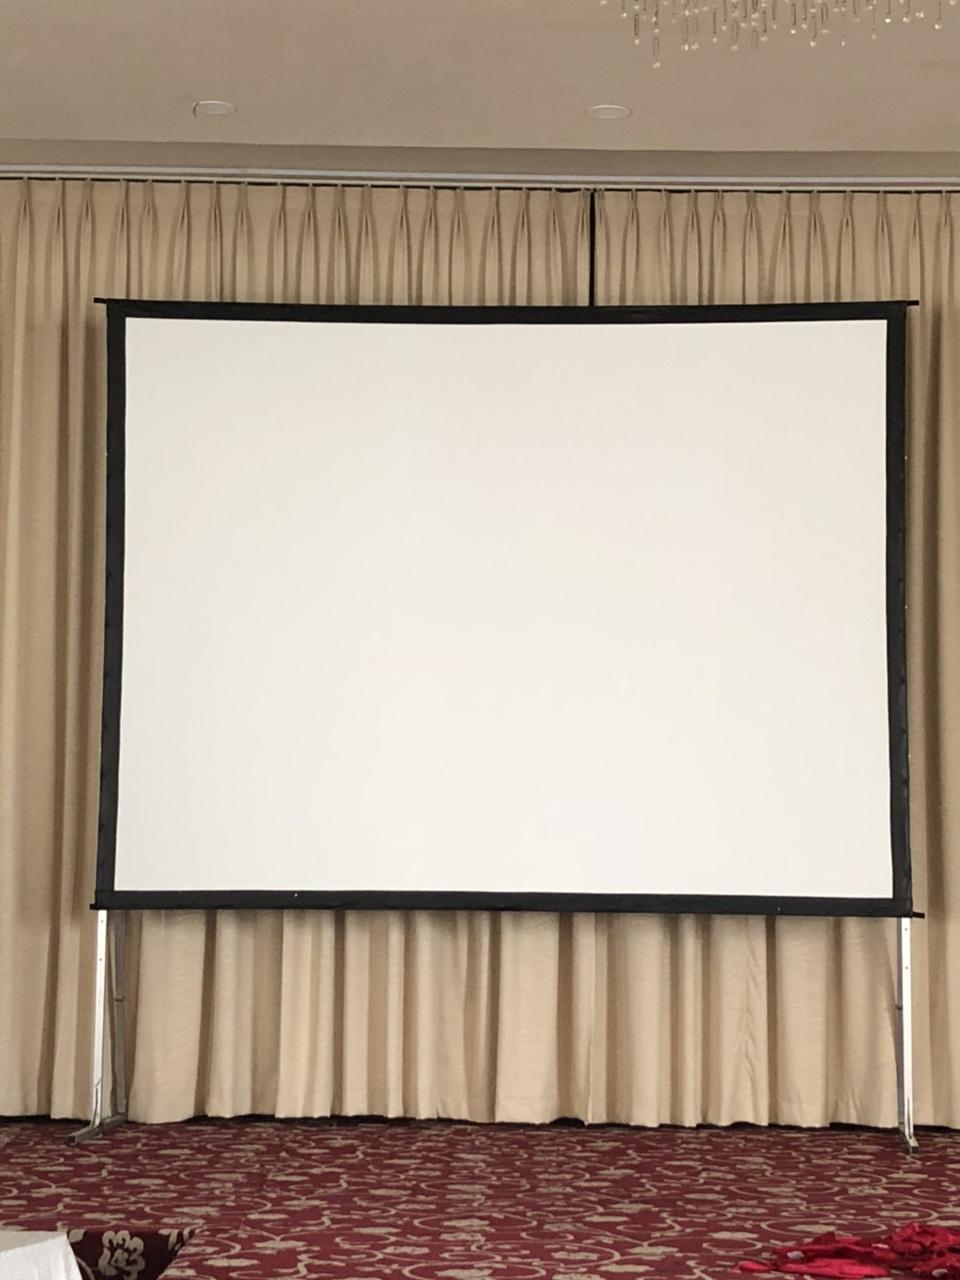 Màn chiếu khung 150 inch - Chiếu Trước Sau